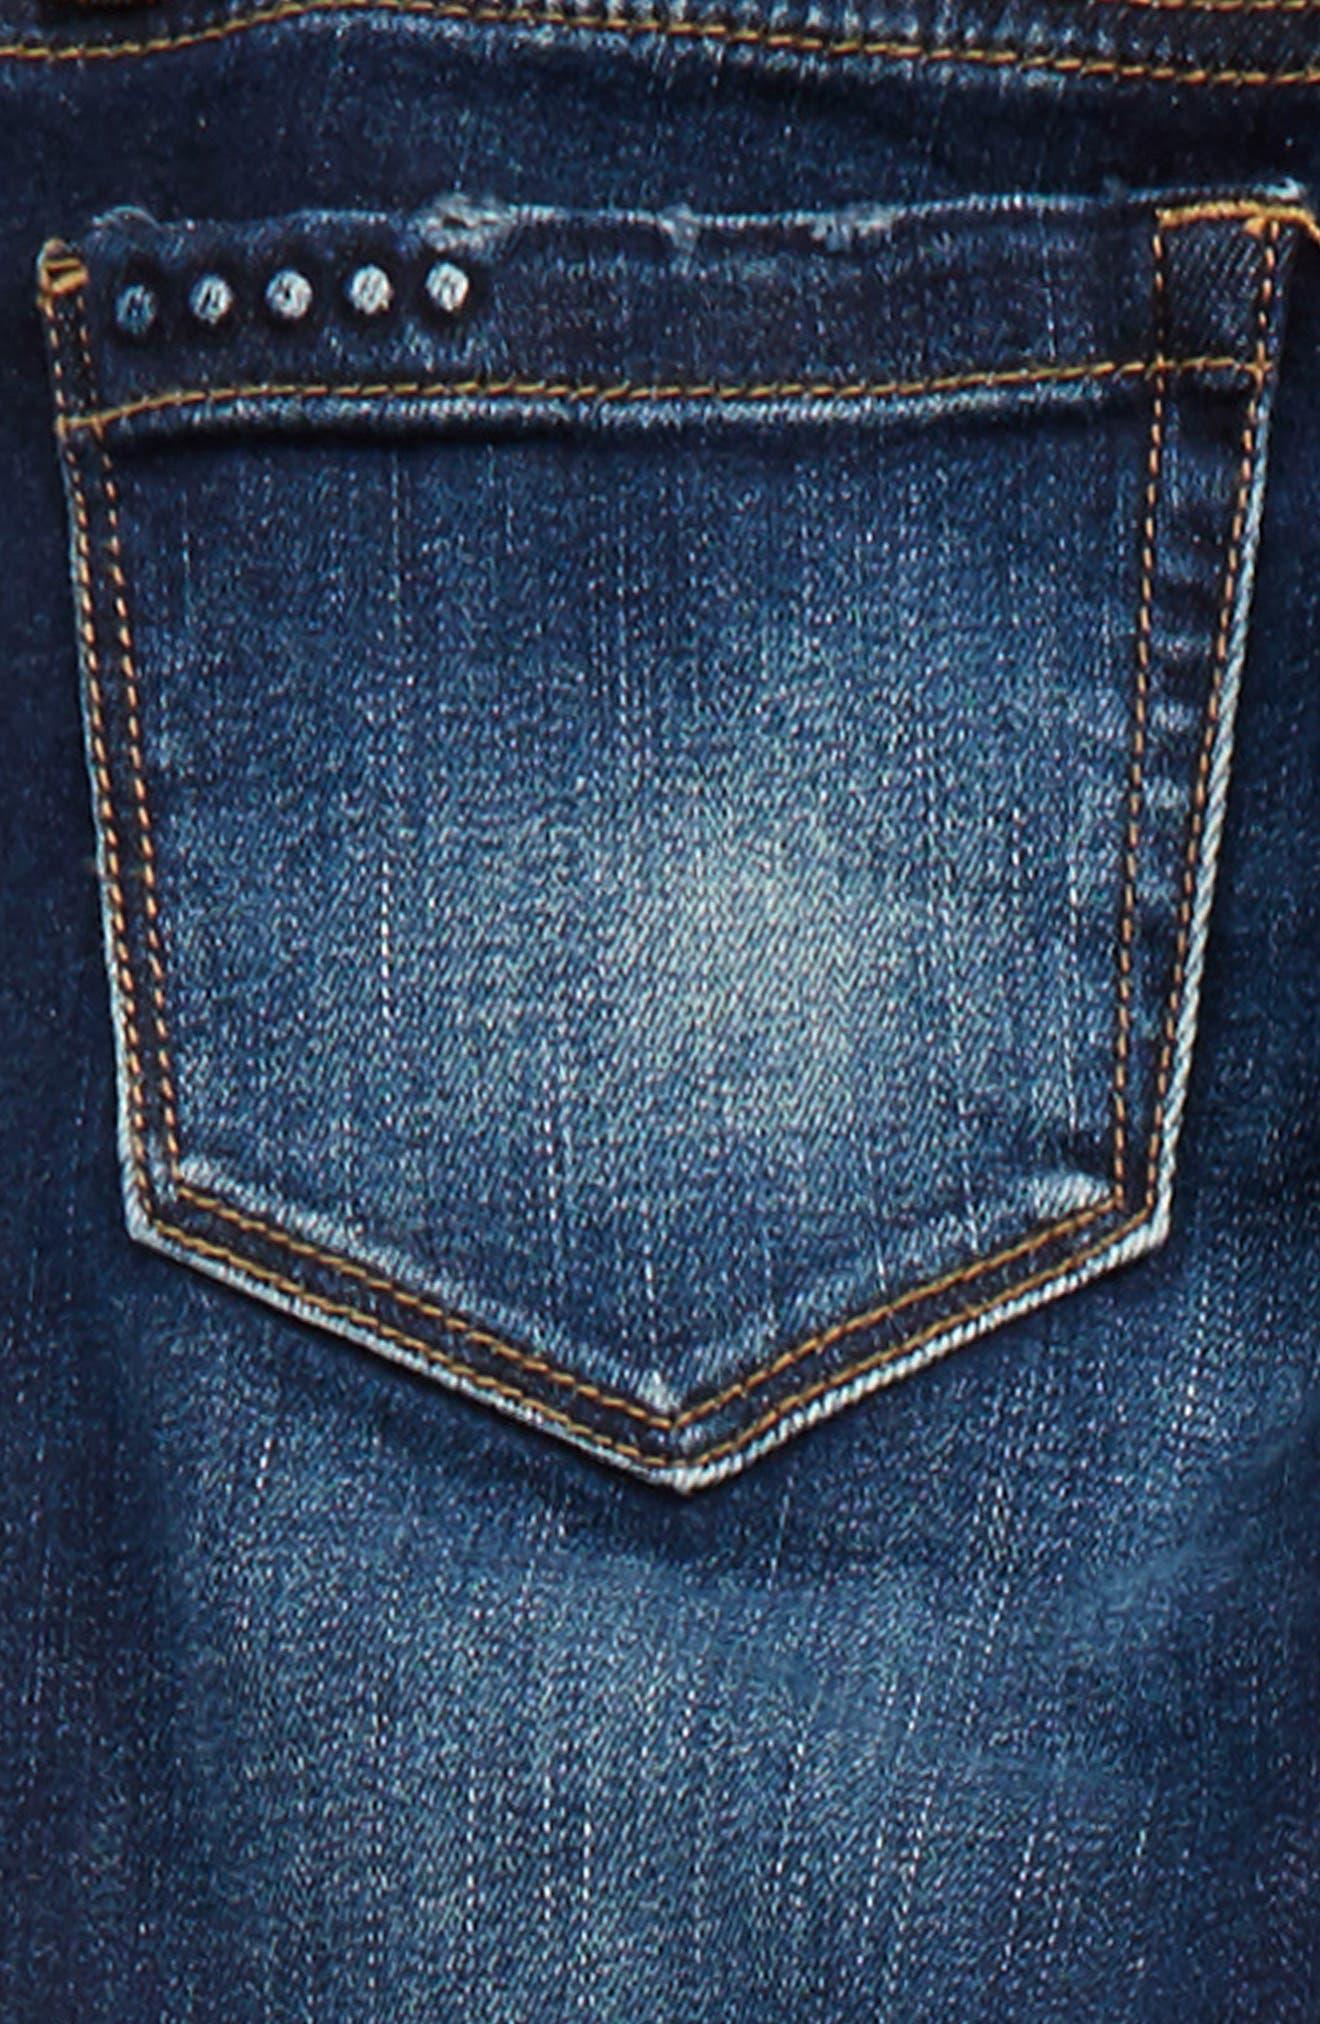 Rip & Repair Skinny Jeans,                             Alternate thumbnail 3, color,                             400